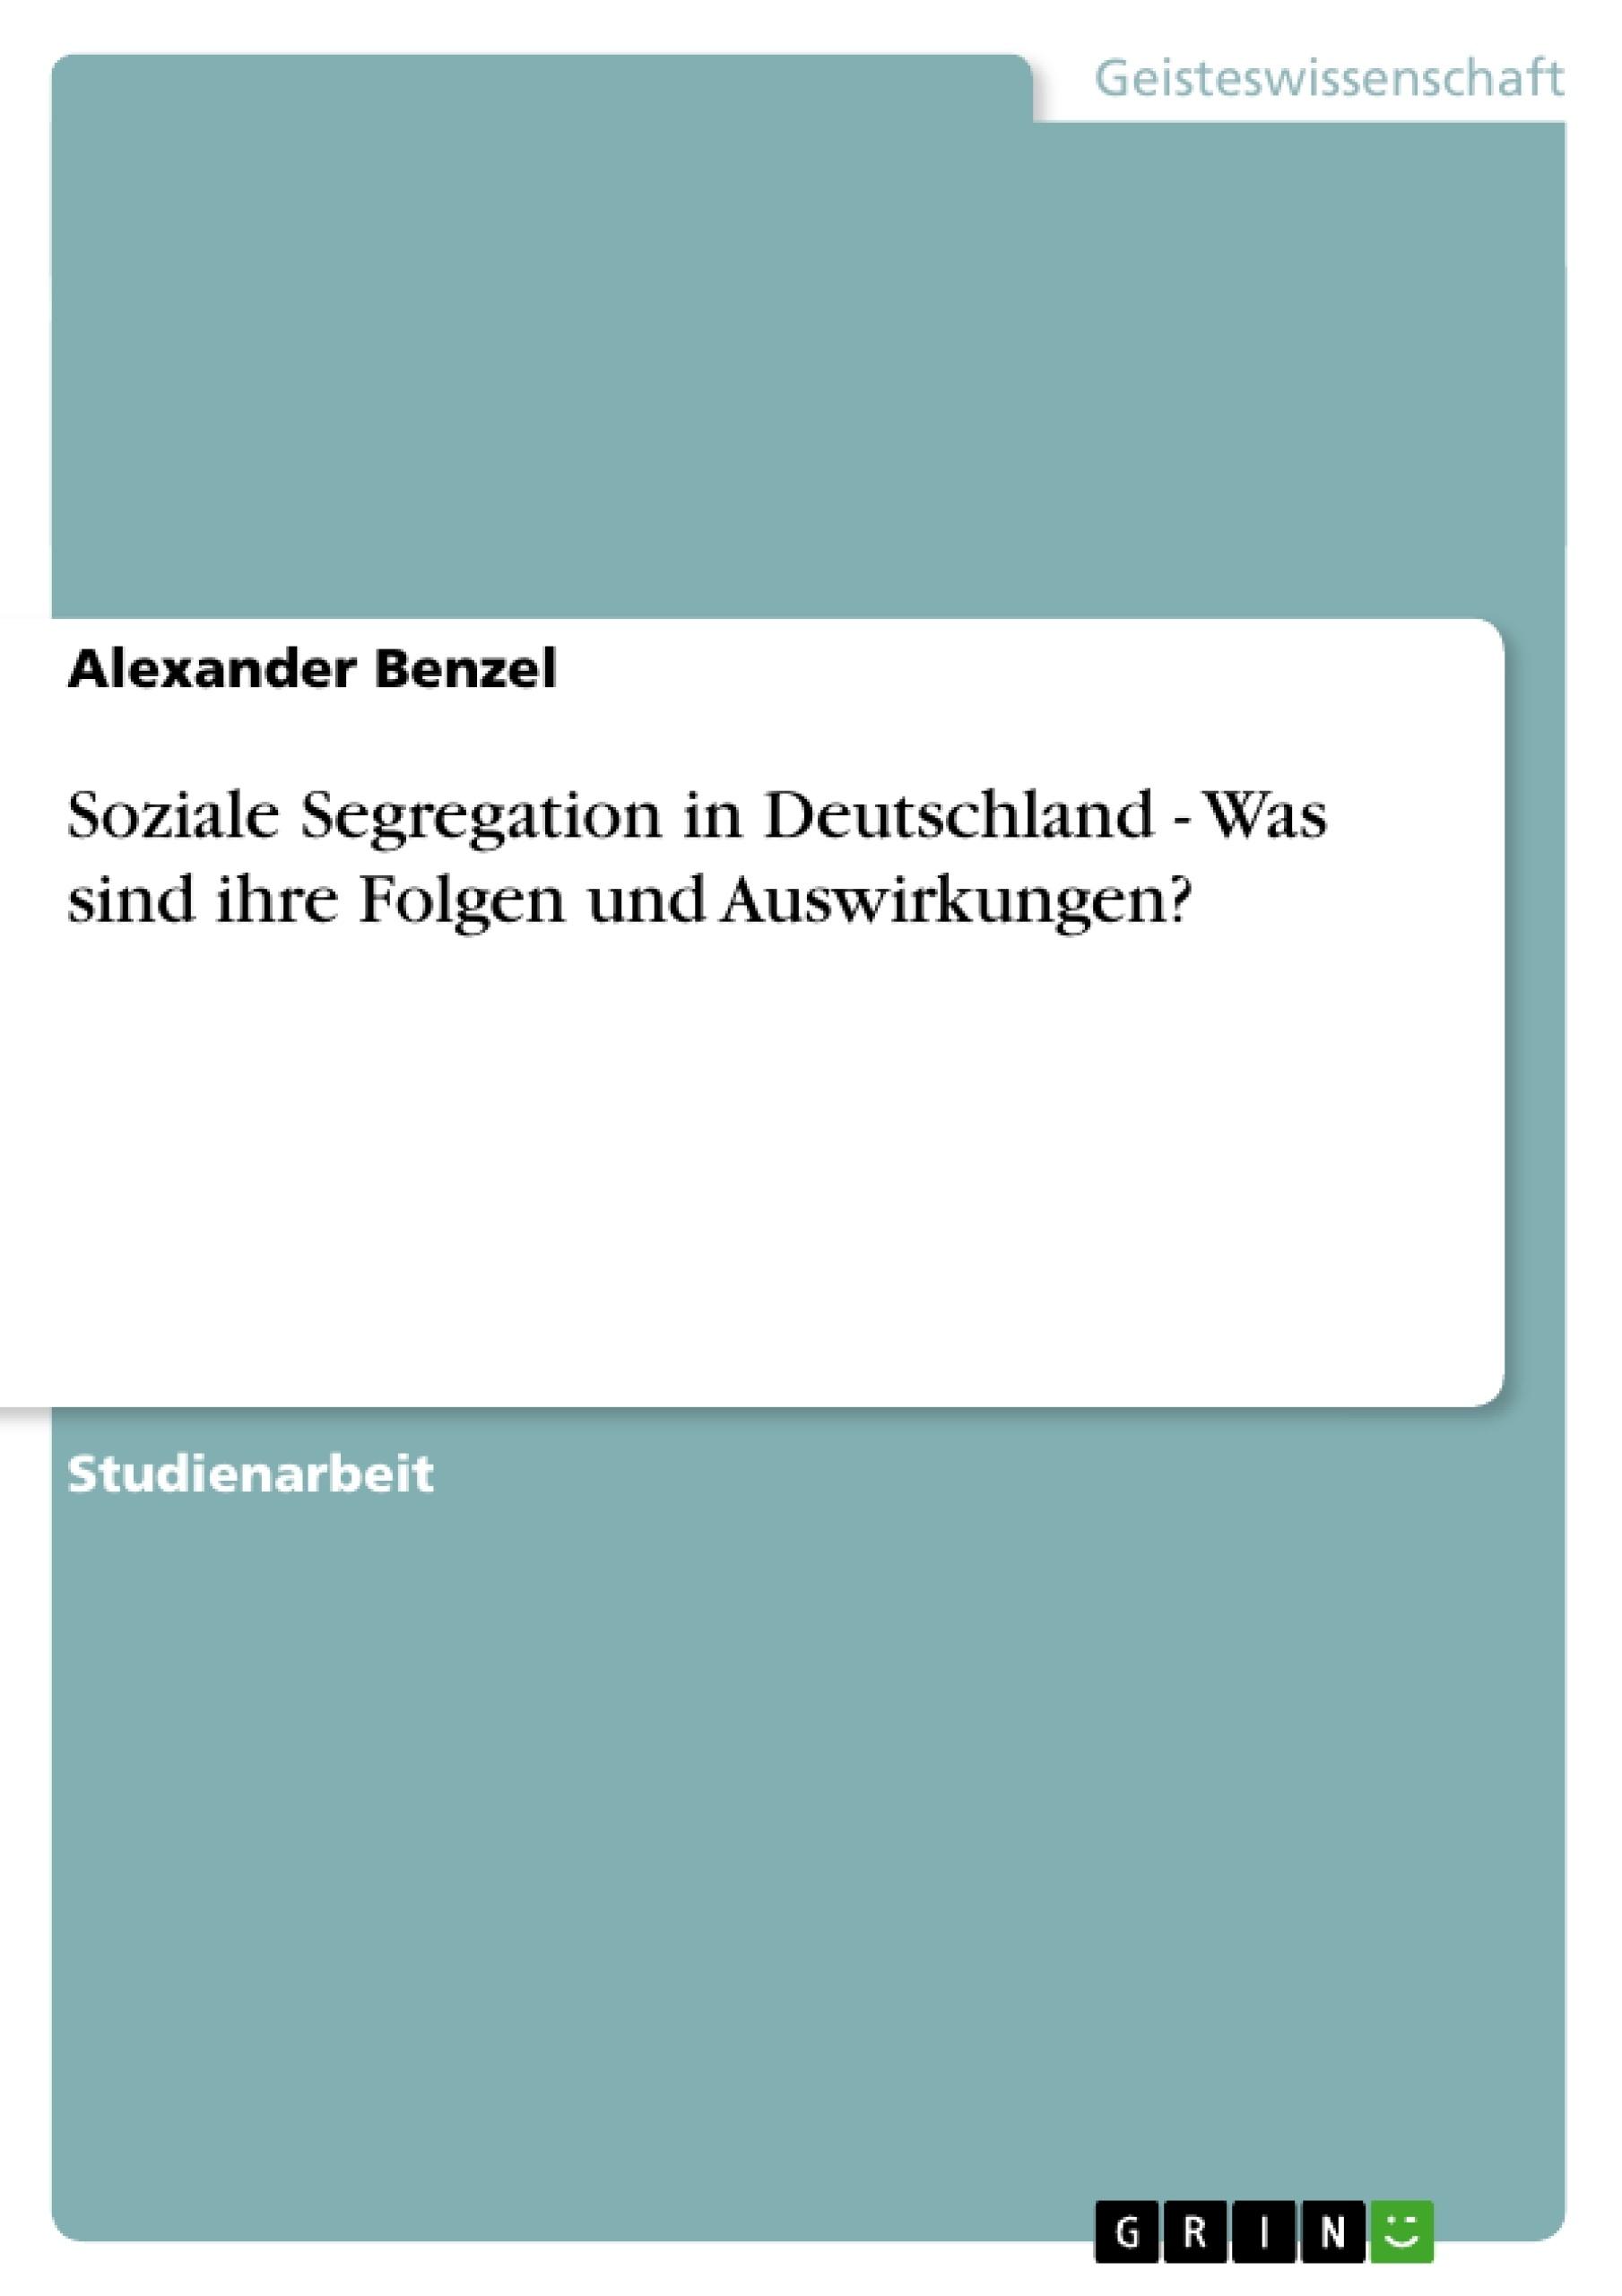 Titel: Soziale Segregation in Deutschland - Was sind ihre Folgen und Auswirkungen?